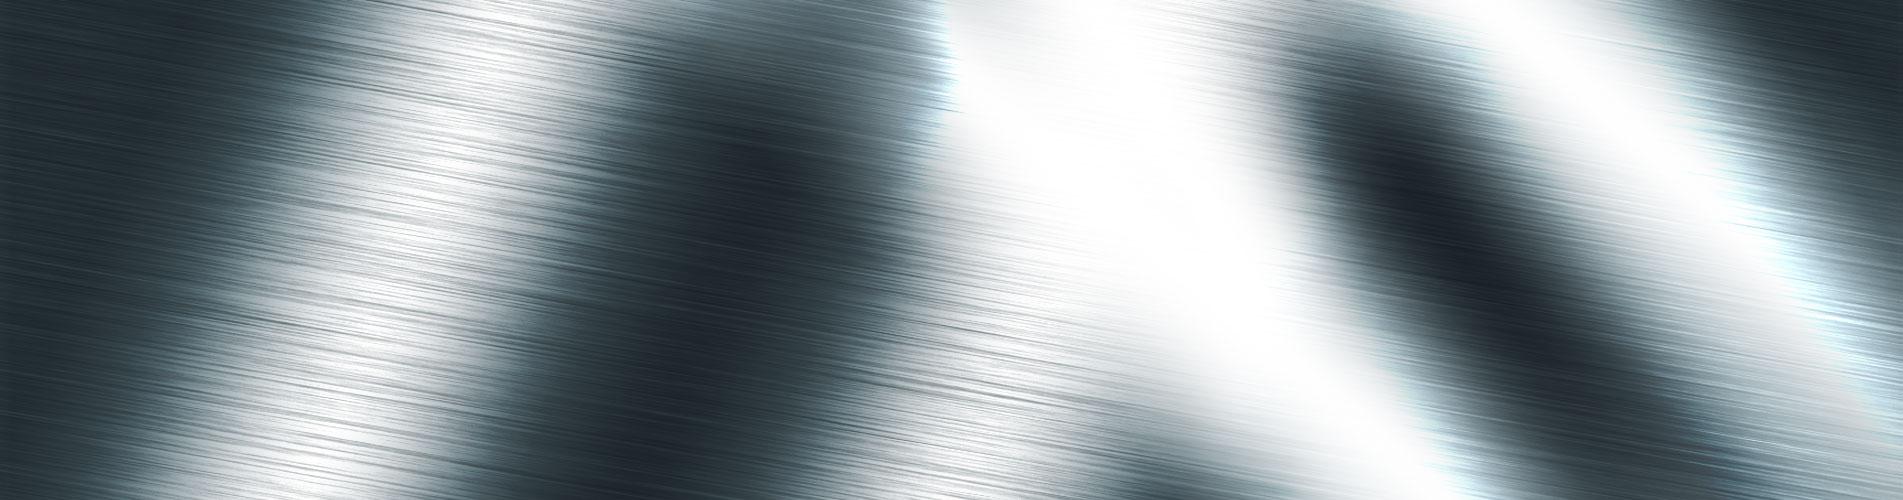 slide_back